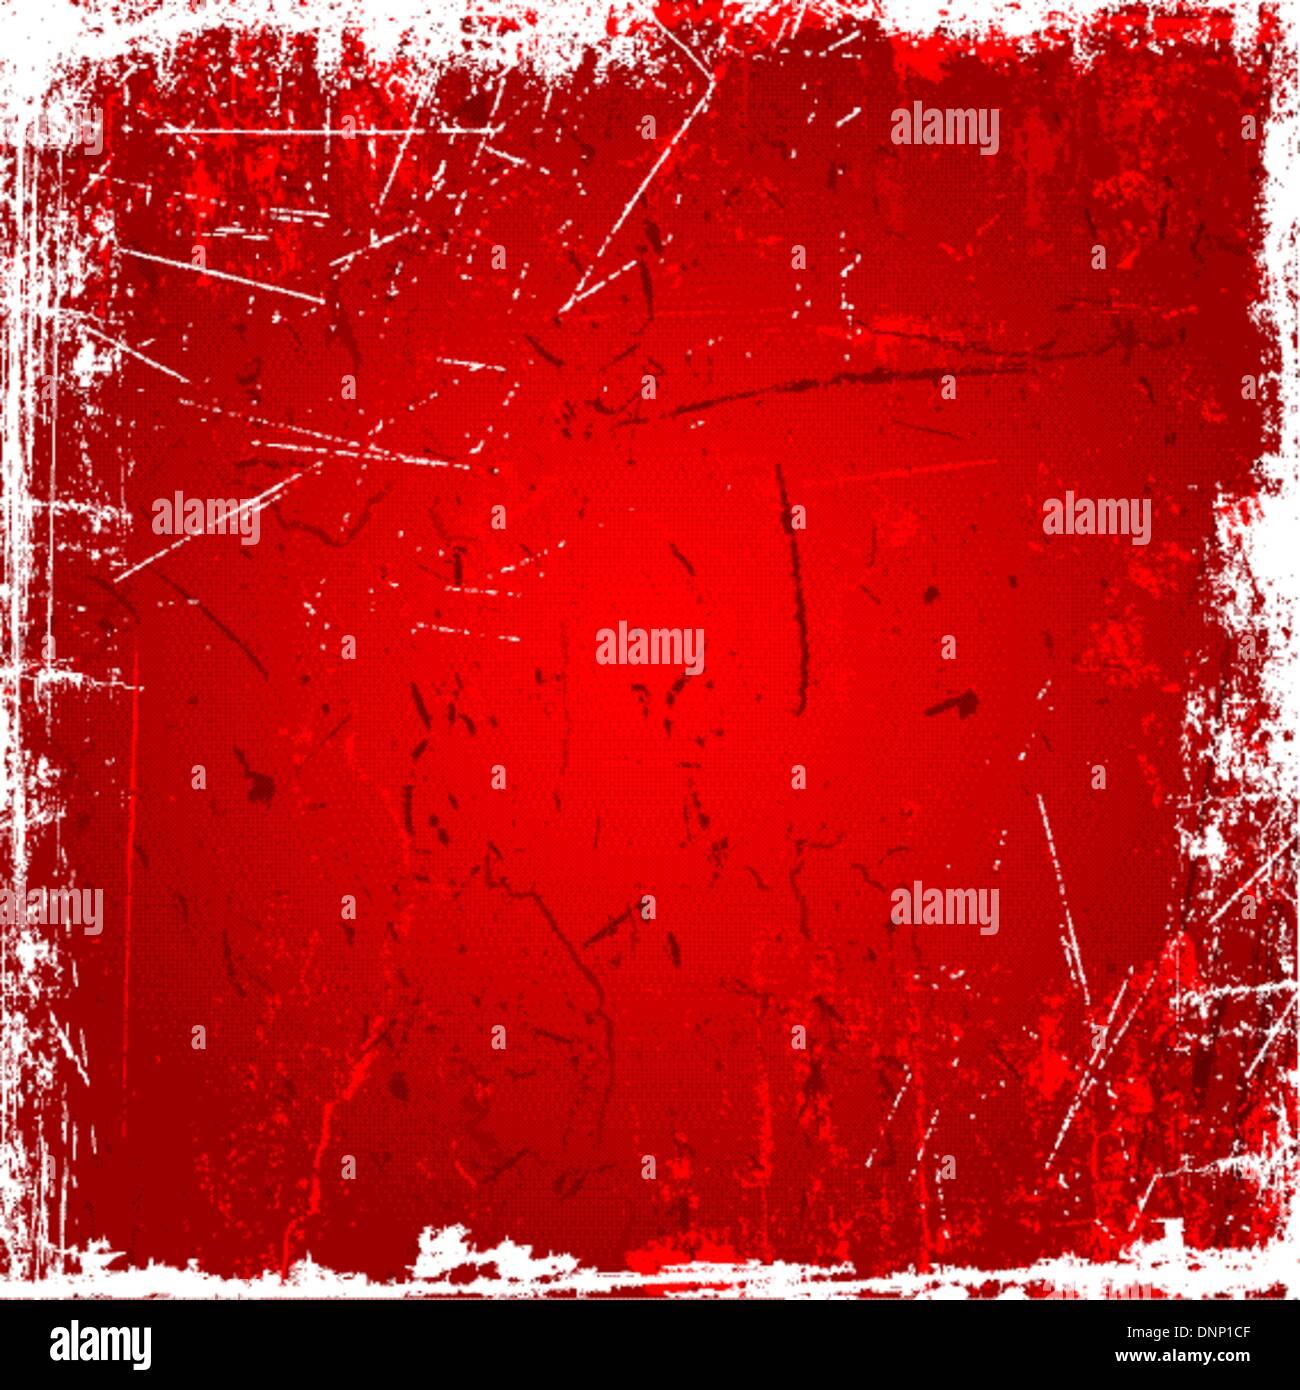 Grunge sfondo con graffi e macchie in sfumature di rosso Immagini Stock